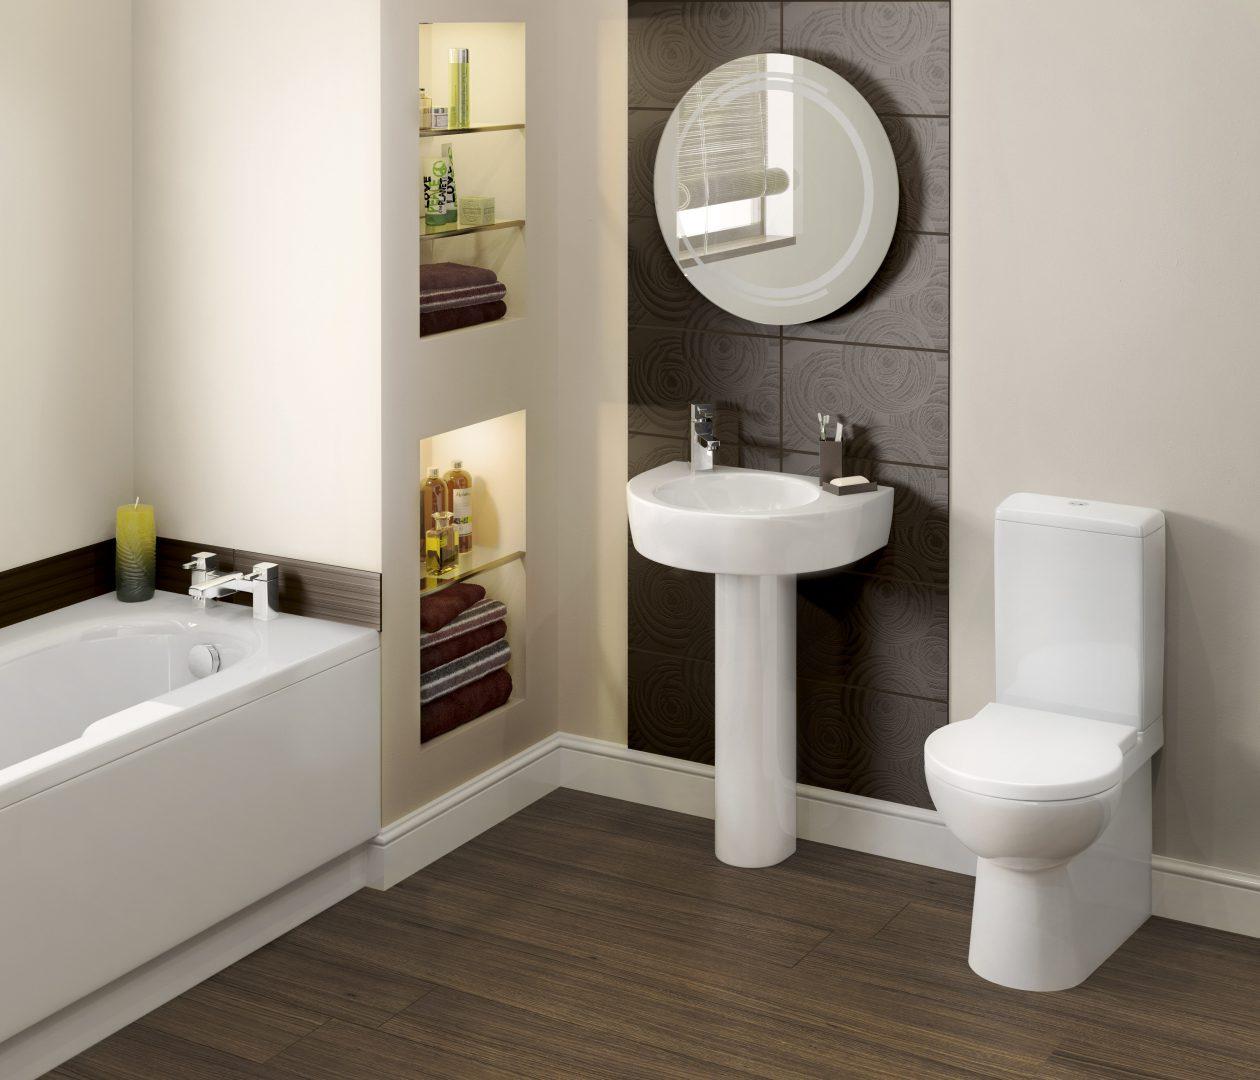 Rehabilite su cuarto de baño - Reformas integrales en Zaragoza ...